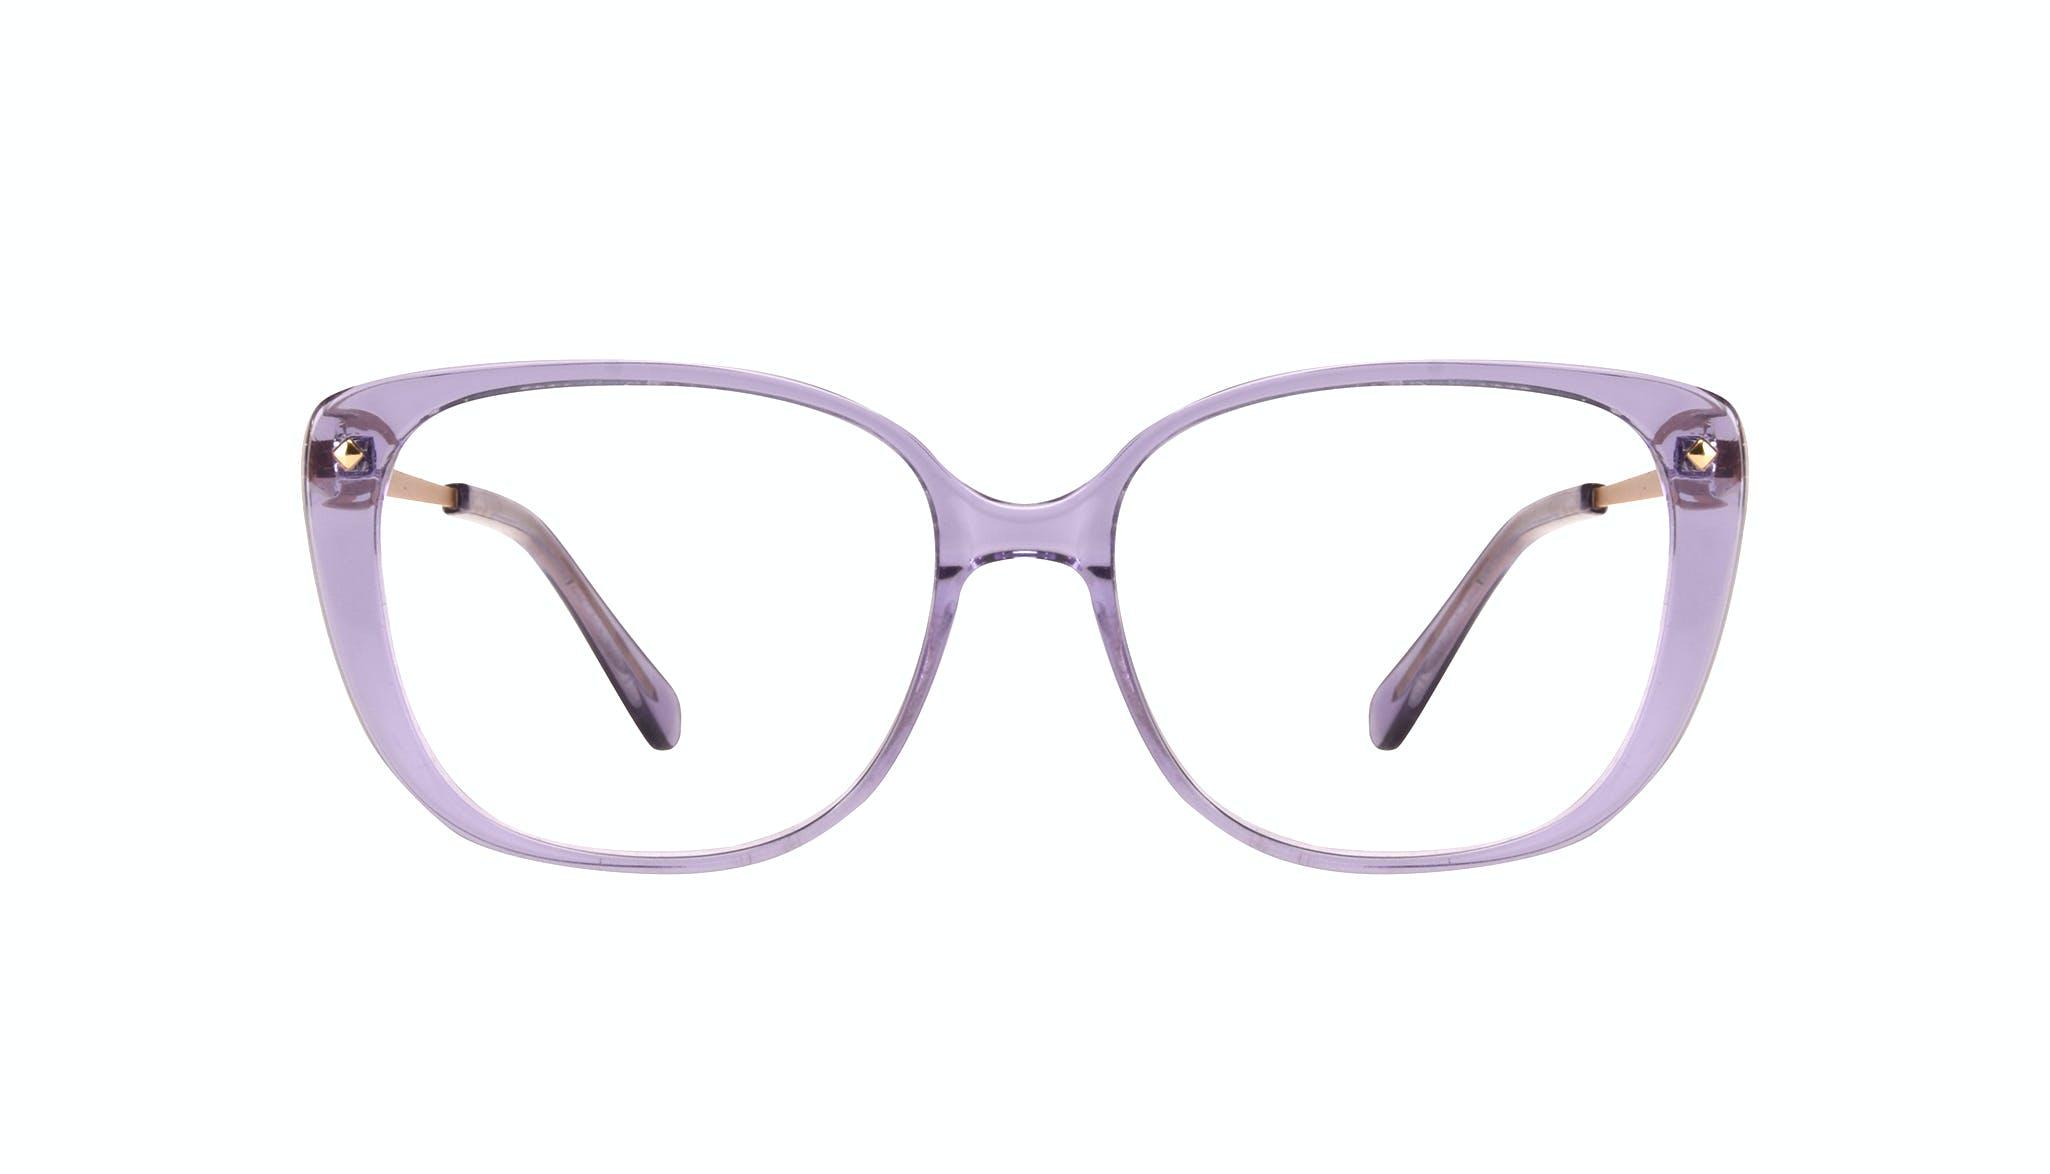 Lunettes tendance Carrée Lunettes de vue Femmes Japonisme Lavender Face